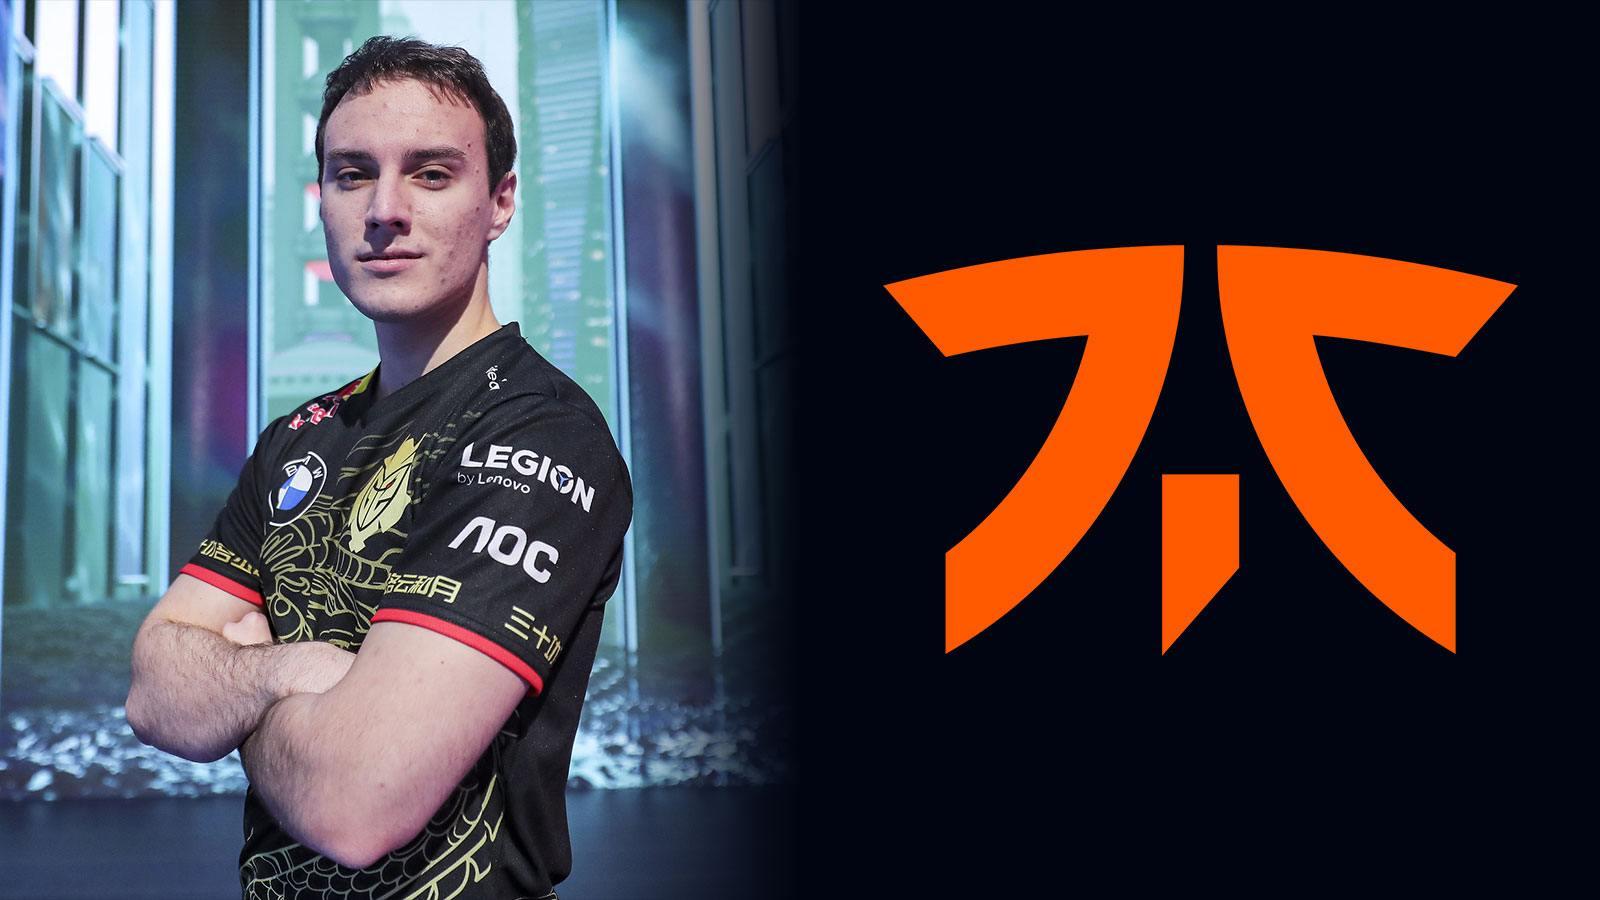 G2 Esports Perkz et le logo de Fnatic